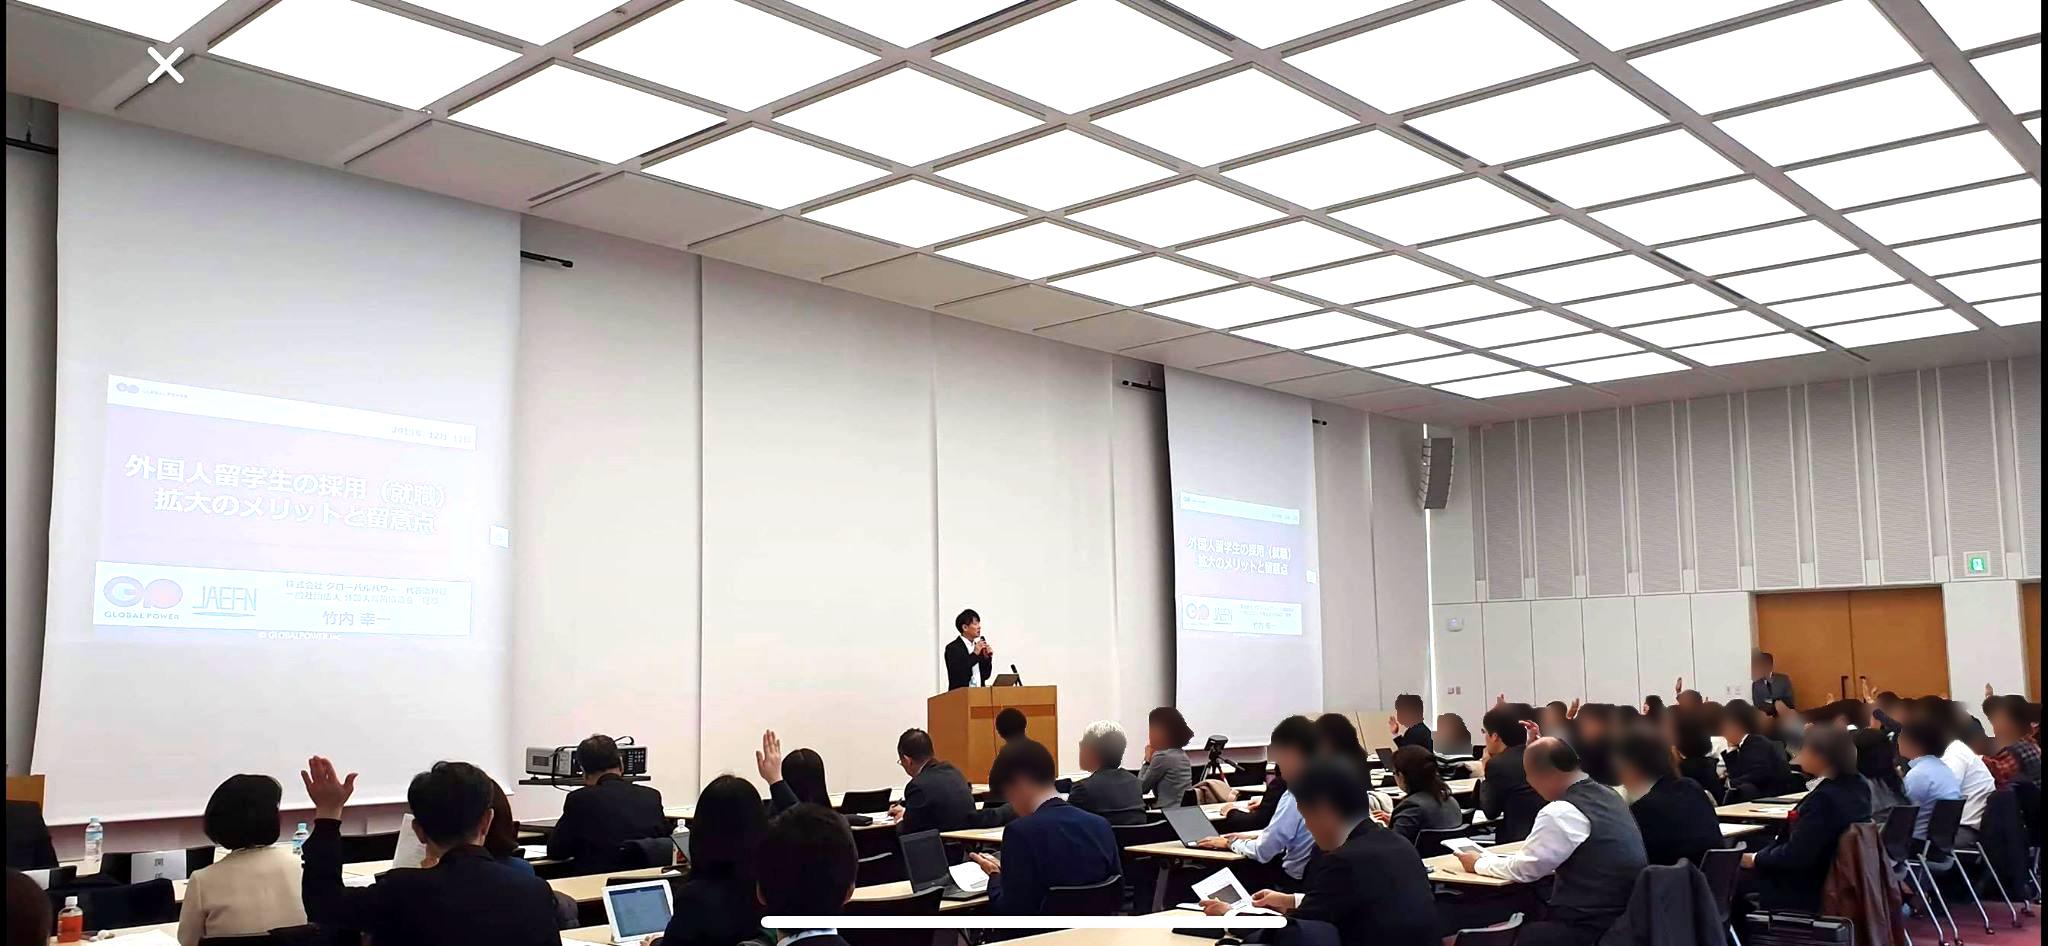 東洋大学セミナー基調講演で代表の竹内が登壇しました